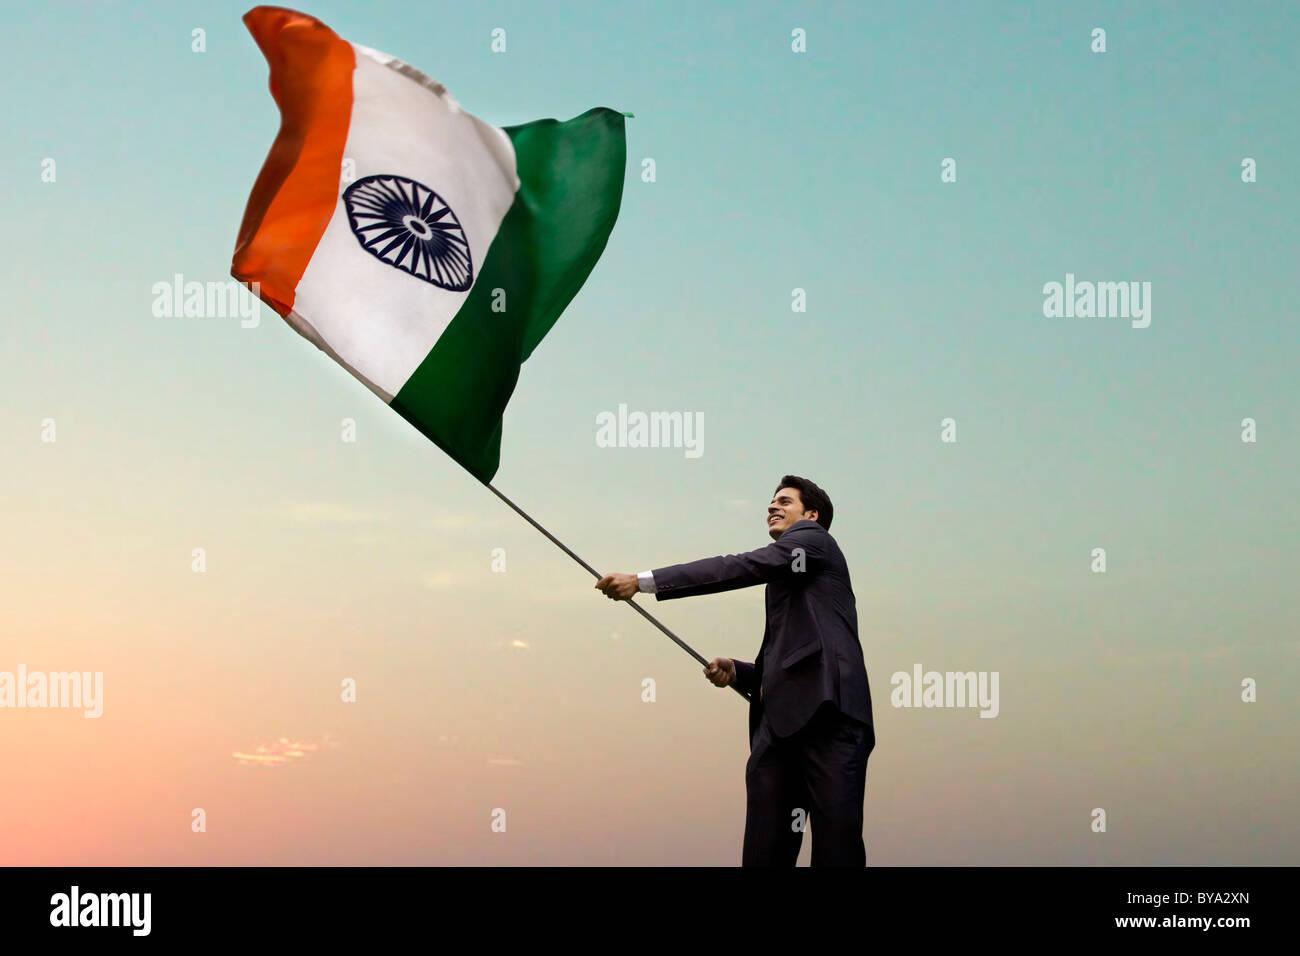 Businessman holding le drapeau indien Photo Stock